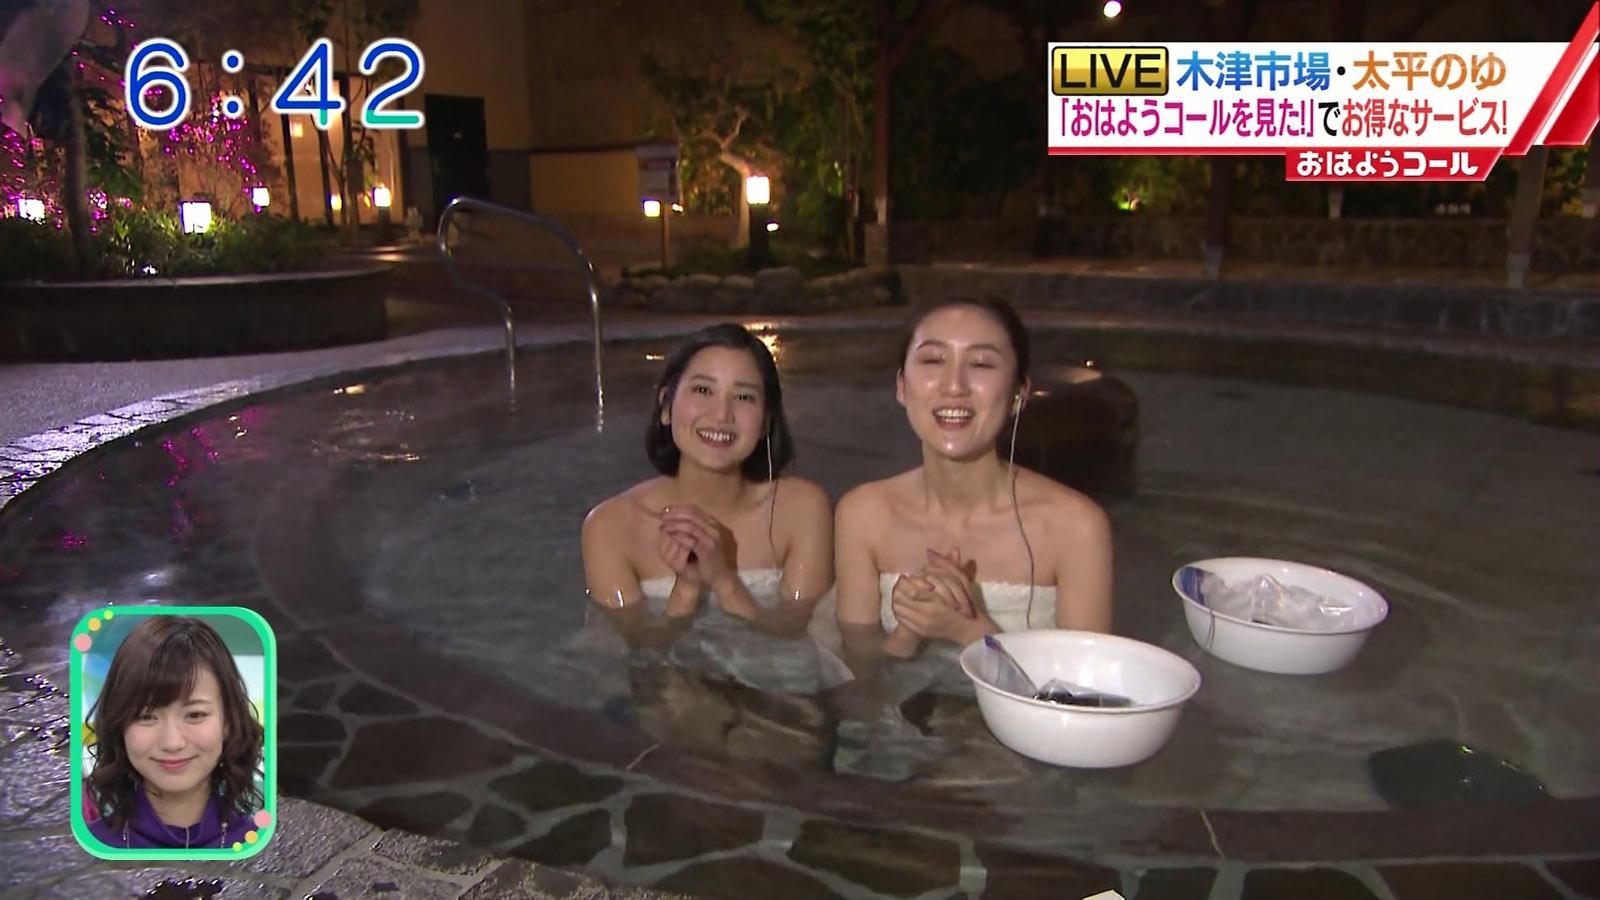 おはようコールABCのレポーターが露天風呂からLIVE中継!